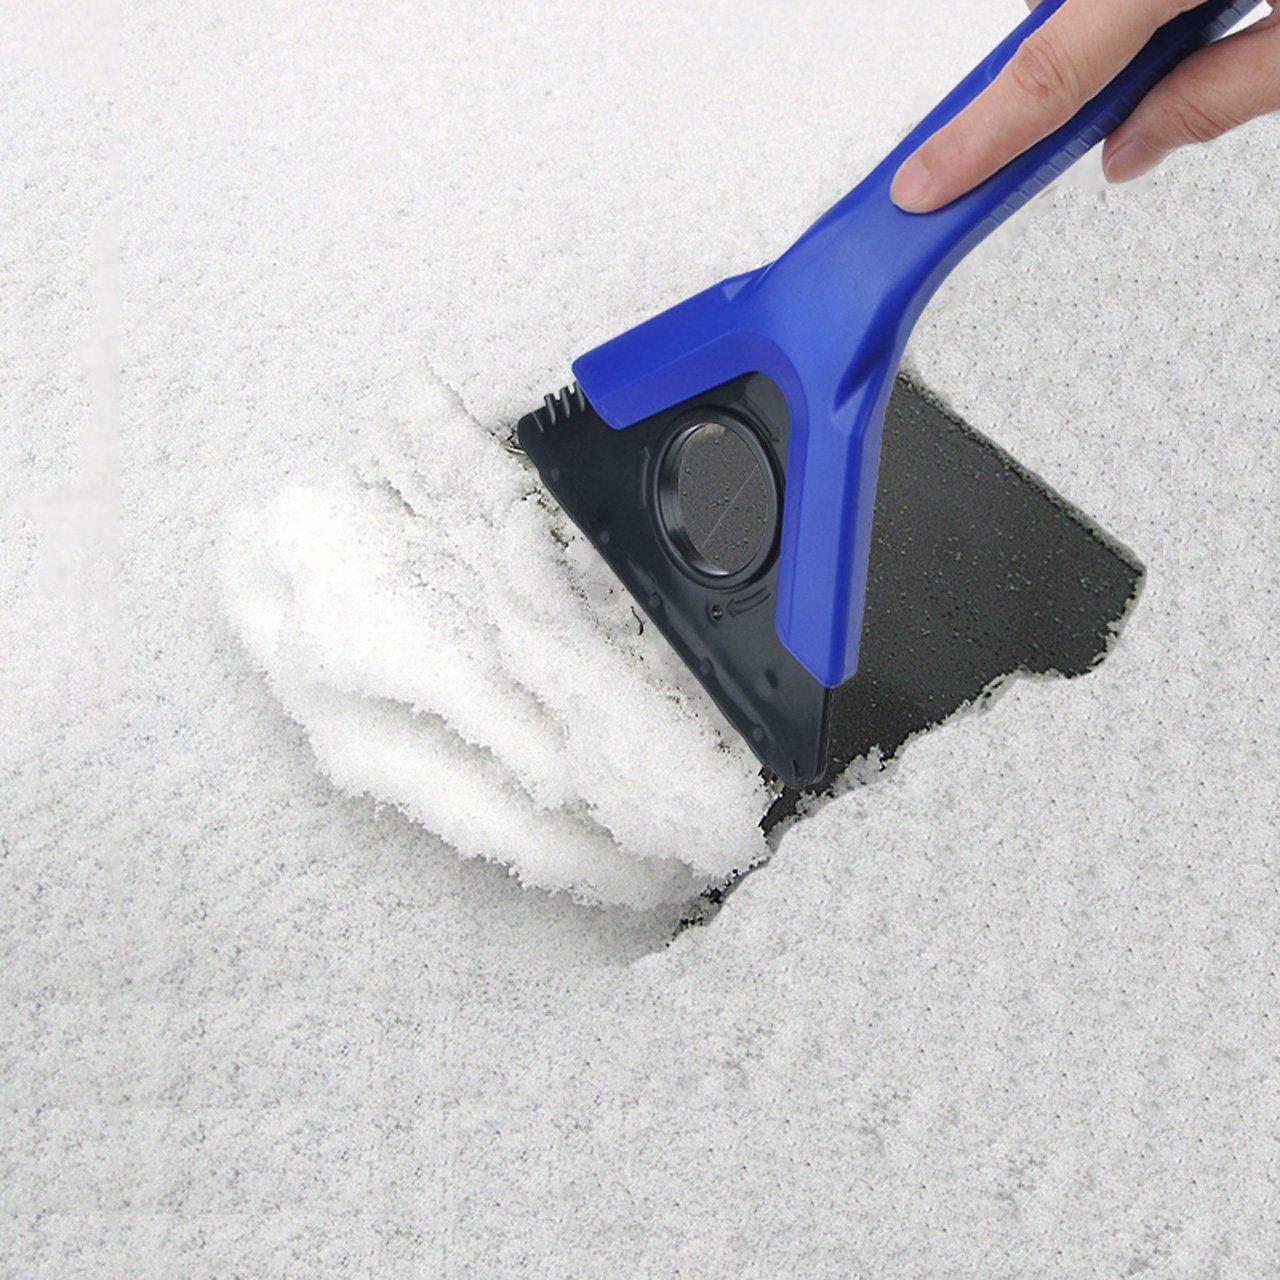 Graceme Auto eiskratzer Eisschaber scheibenwischer Schneeschaufel Schnee entfernen Wischen enteisen entfrosten Tool 4 in 1